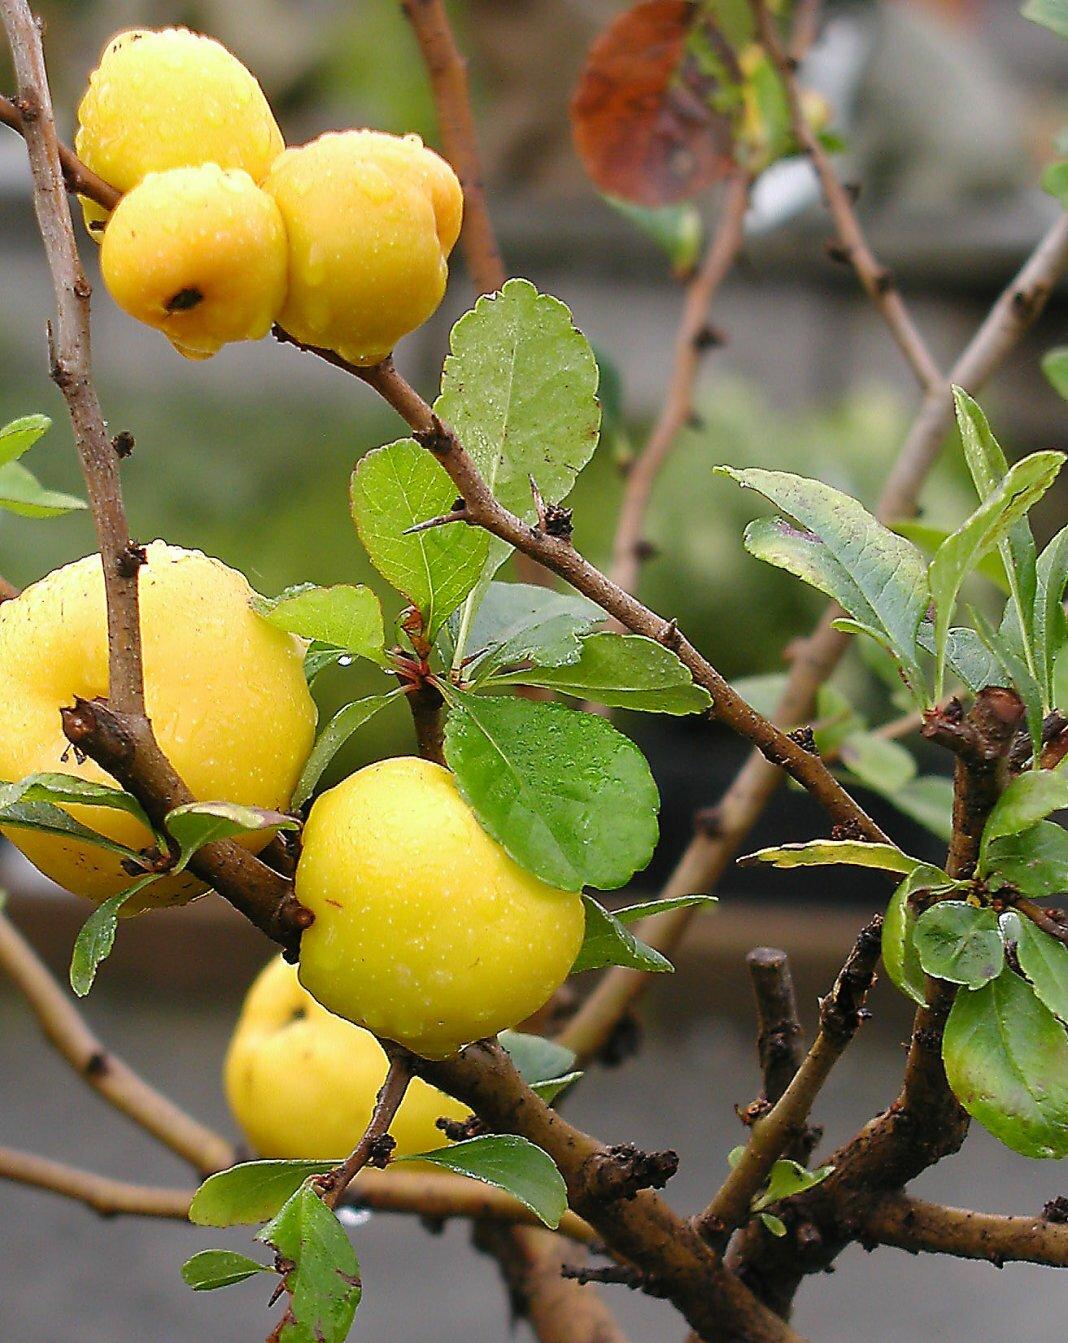 Съедобна или нет айва японская и как использовать плоды